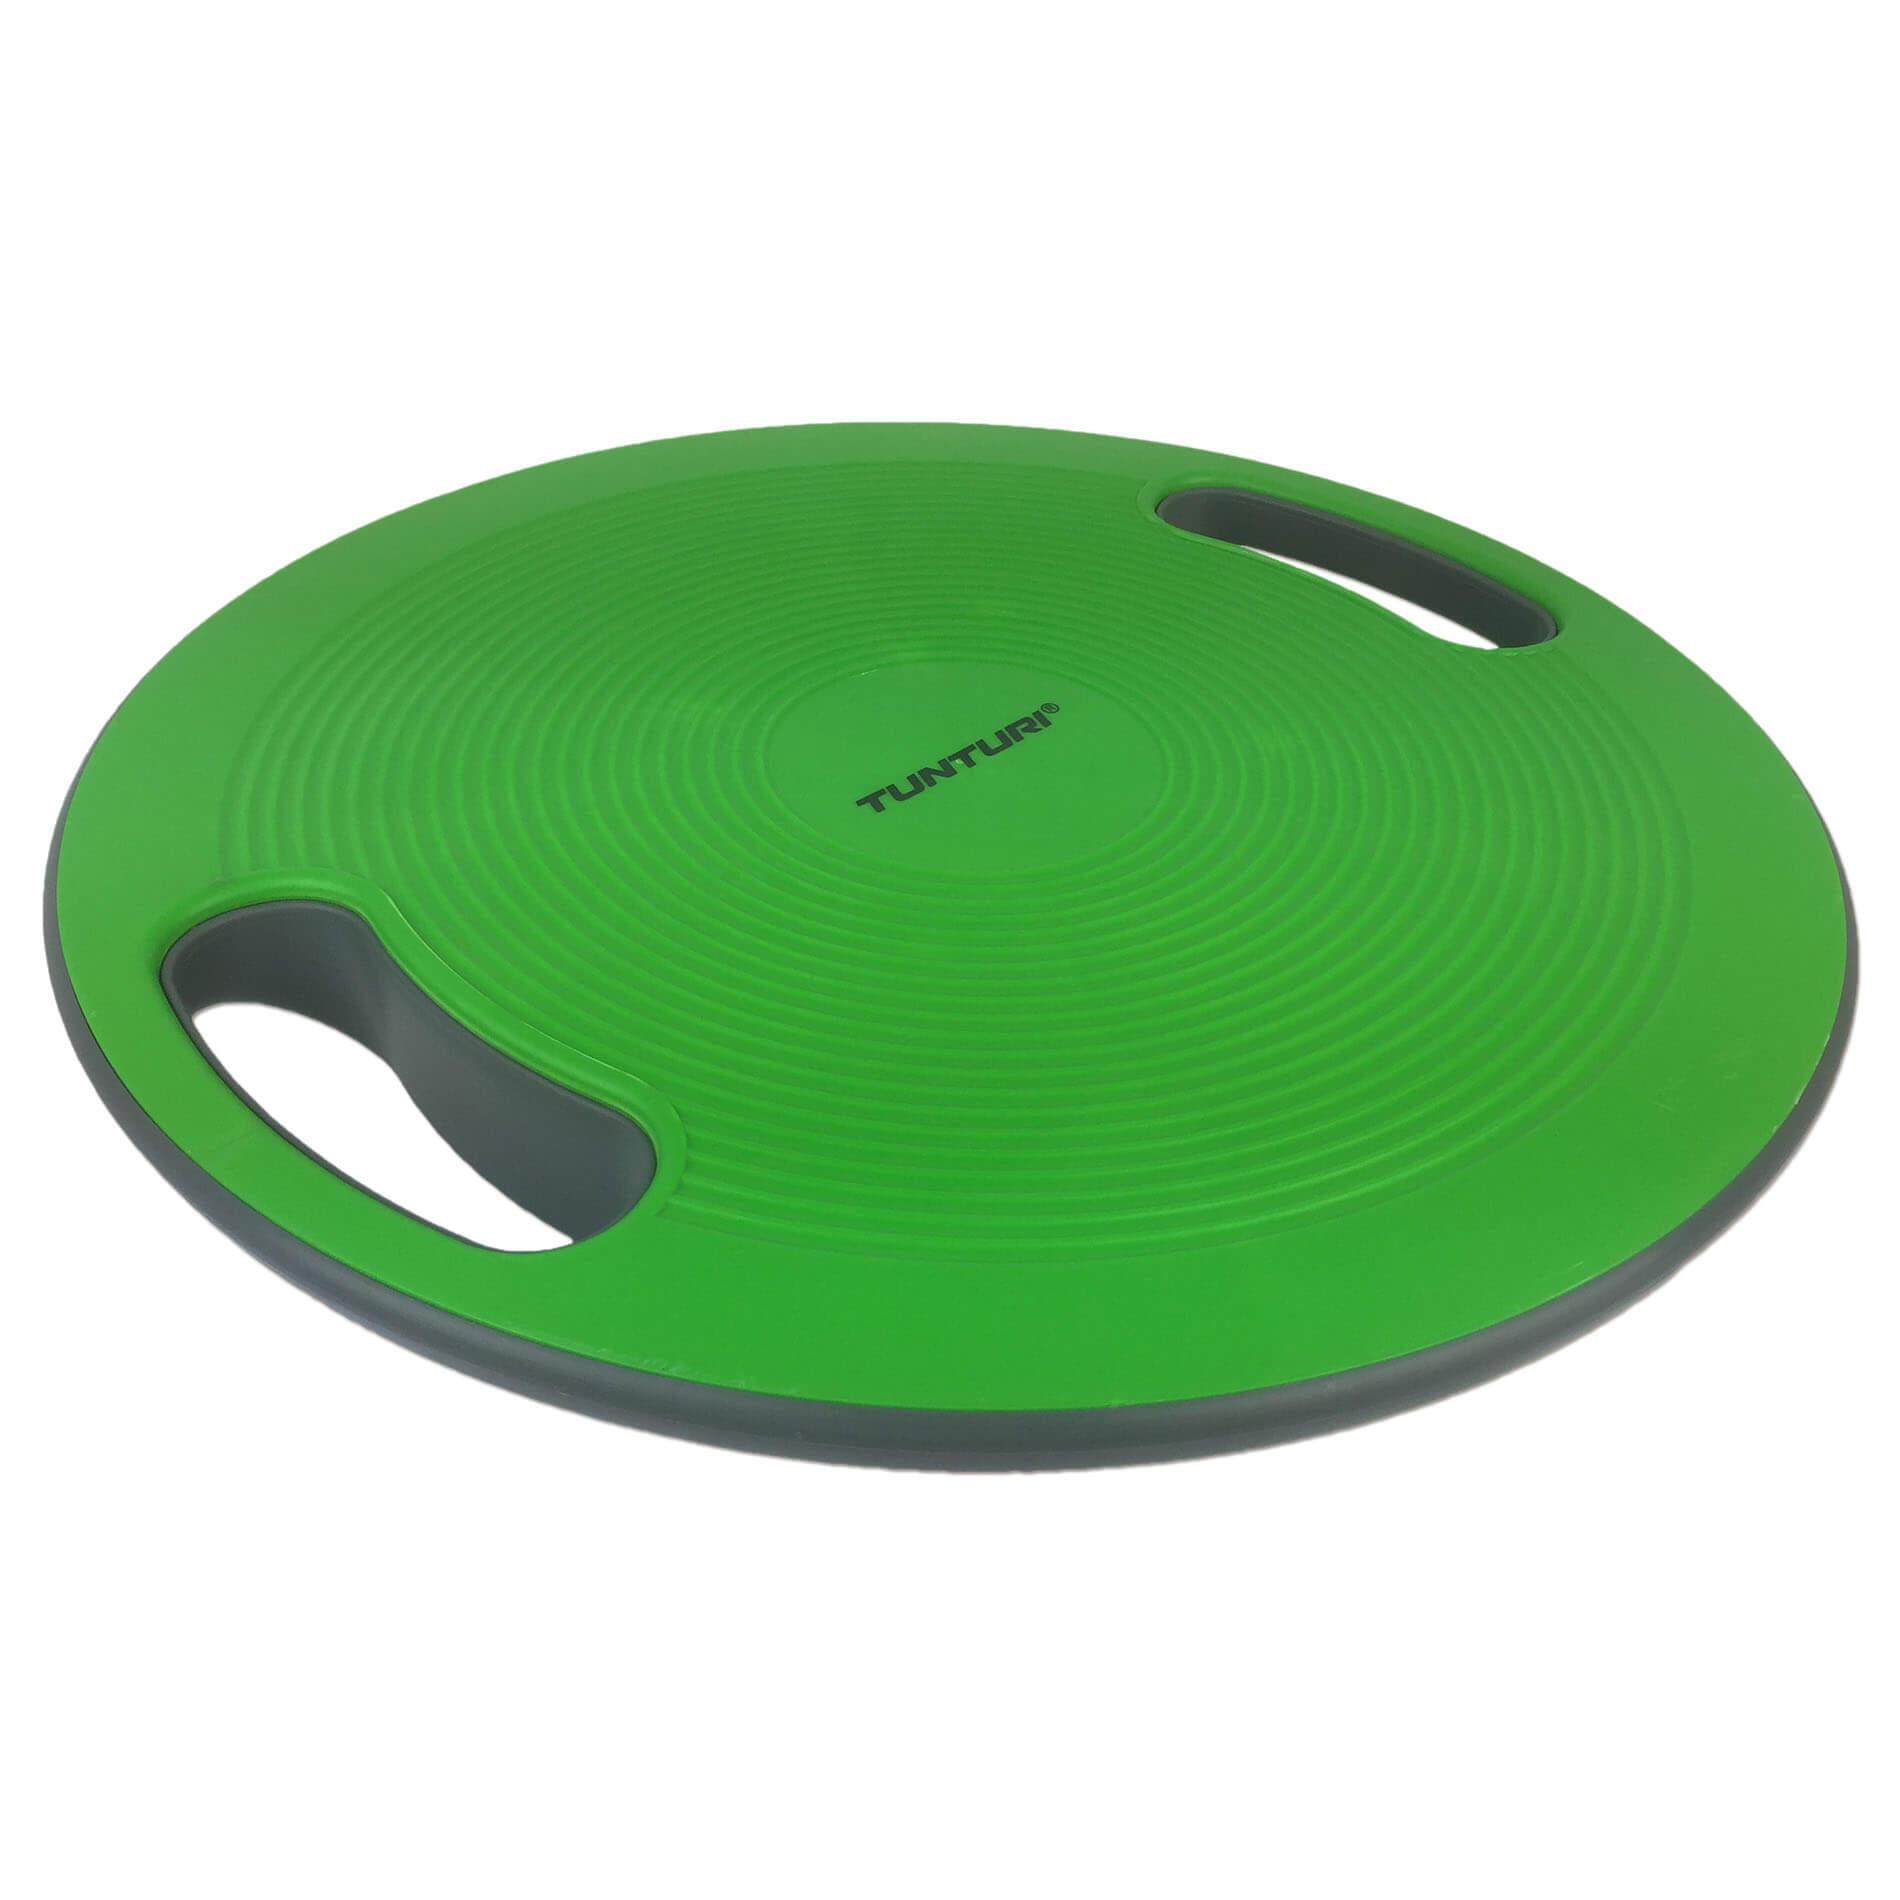 Balans Bord - Balance board -  Met Handgrepen - Groen/Zwart